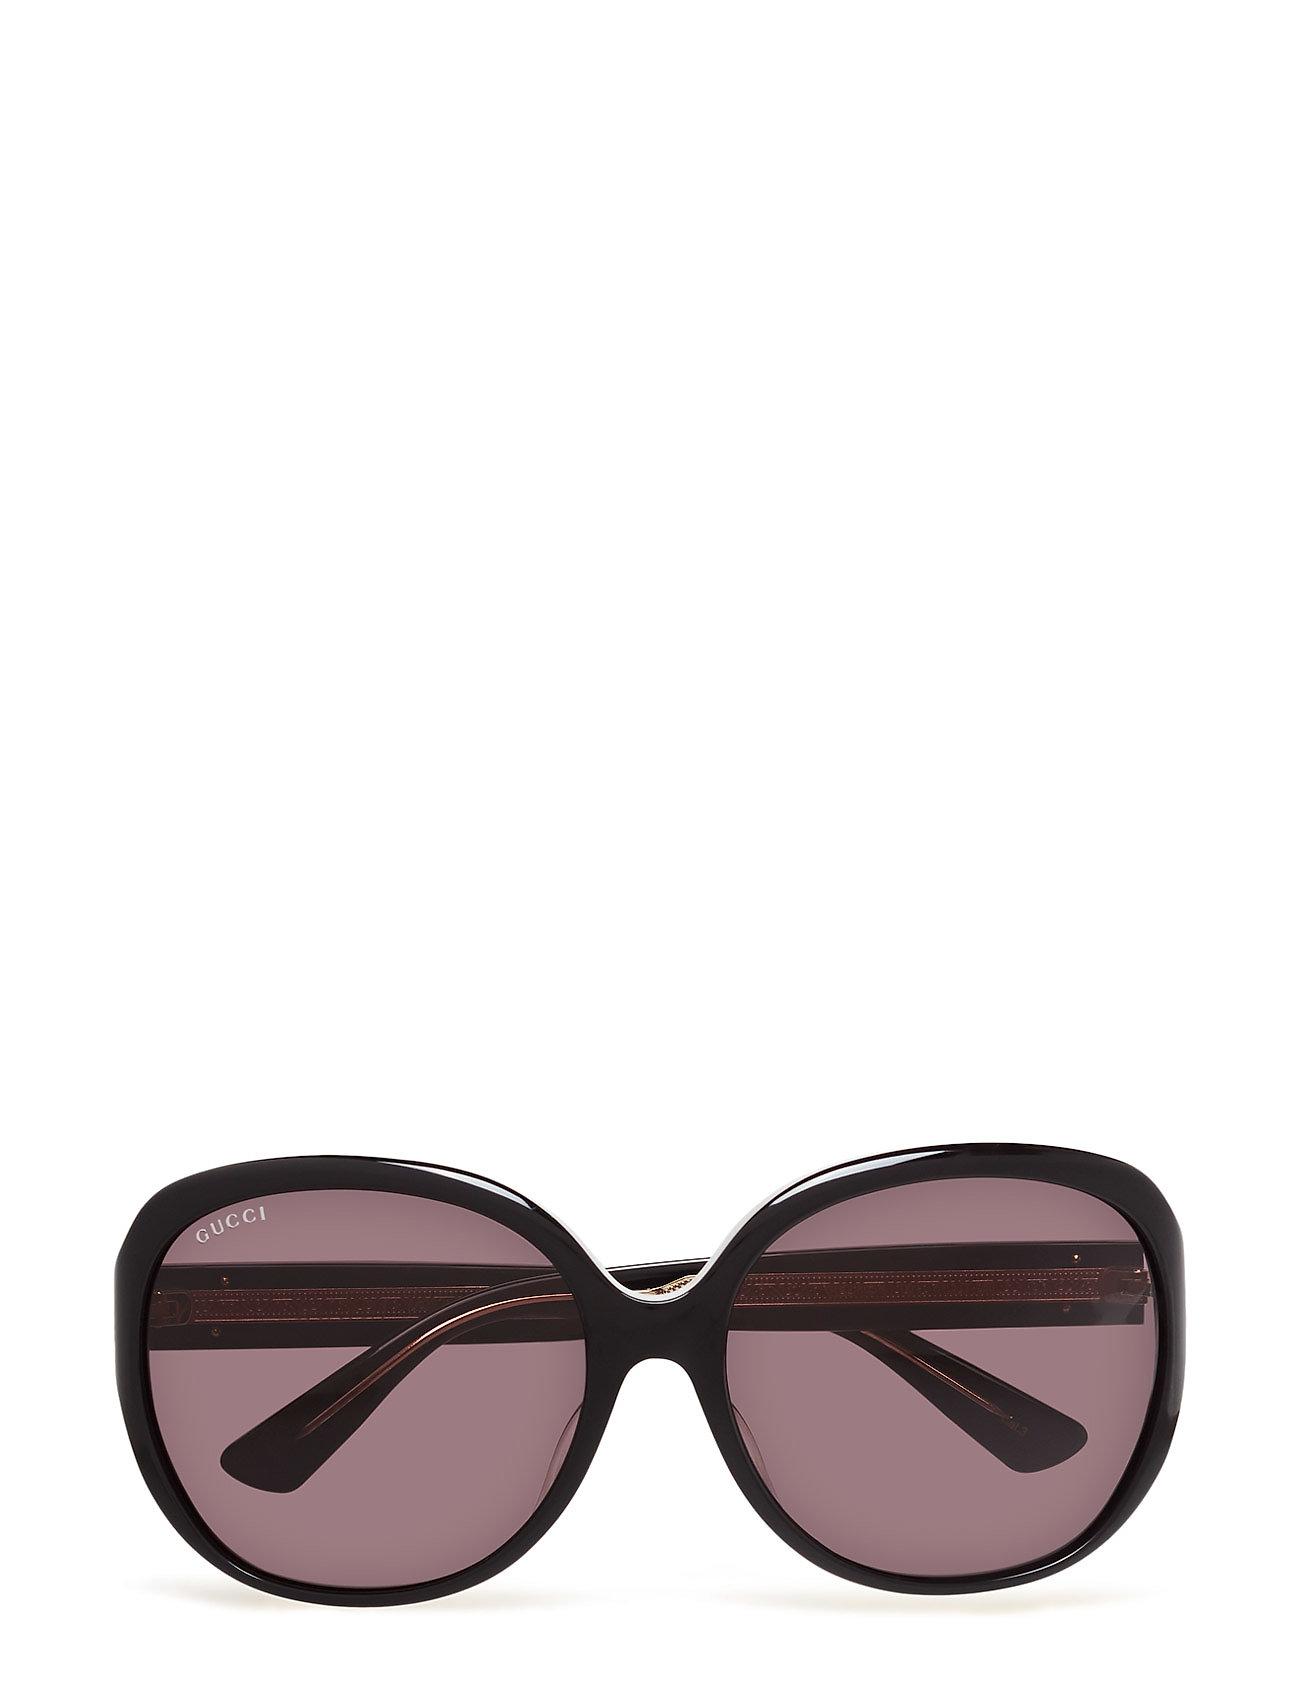 Gg0080sk Gucci Sunglasses Solbriller til Damer i